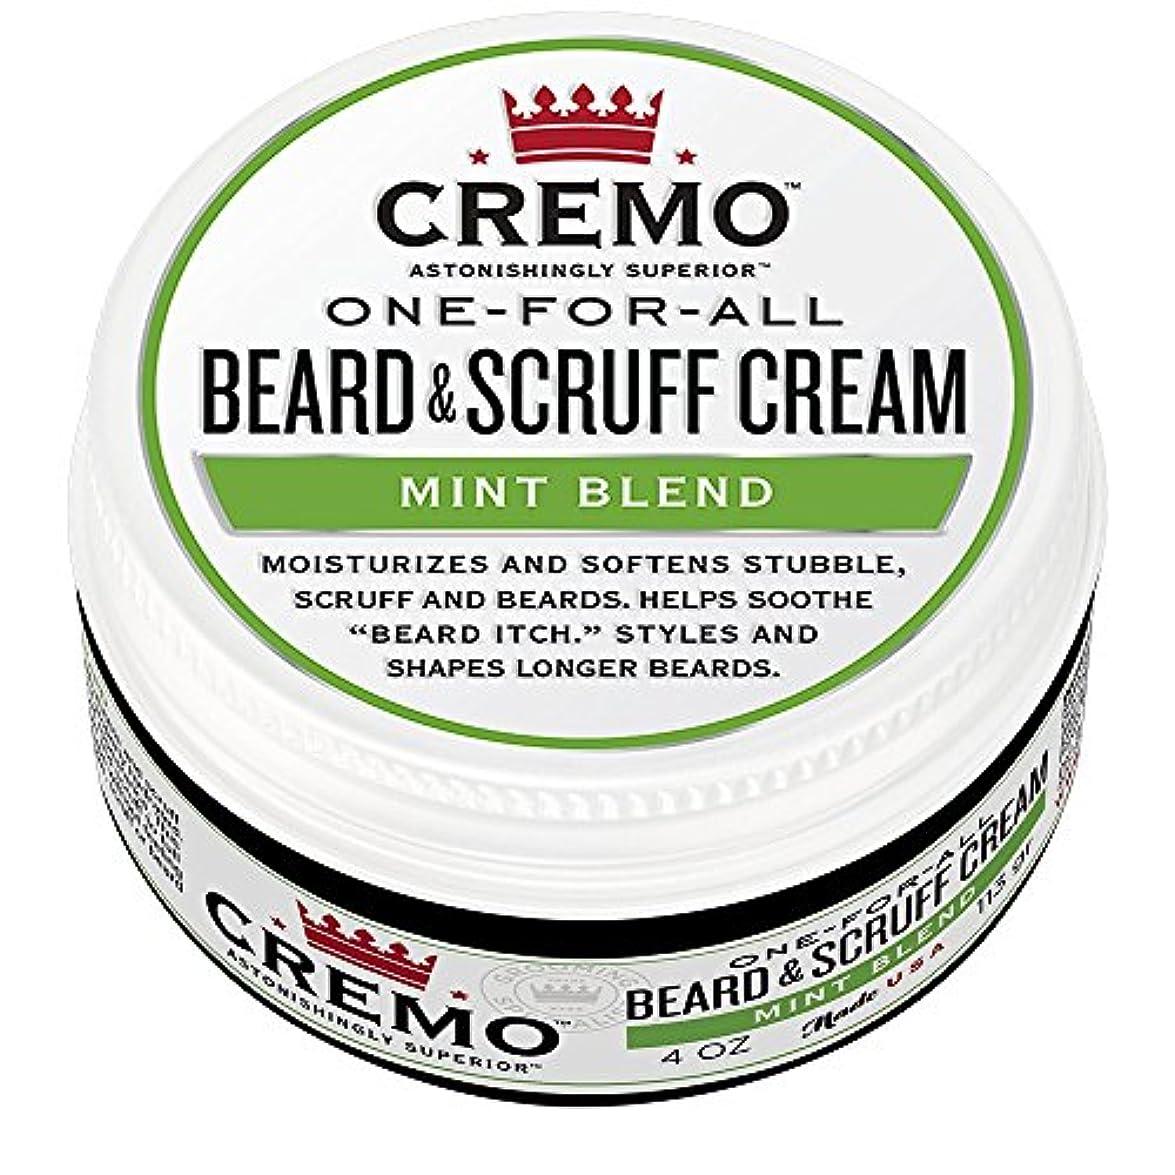 ホイストフレアほとんどの場合Cremo ビアード&首筋クリーム、ミントのブレンドの香り、潤い、スタイルとひげのすべての長さについてはビアードかゆみを軽減し、4オンスをブレンド、包装は変更になる場合があります